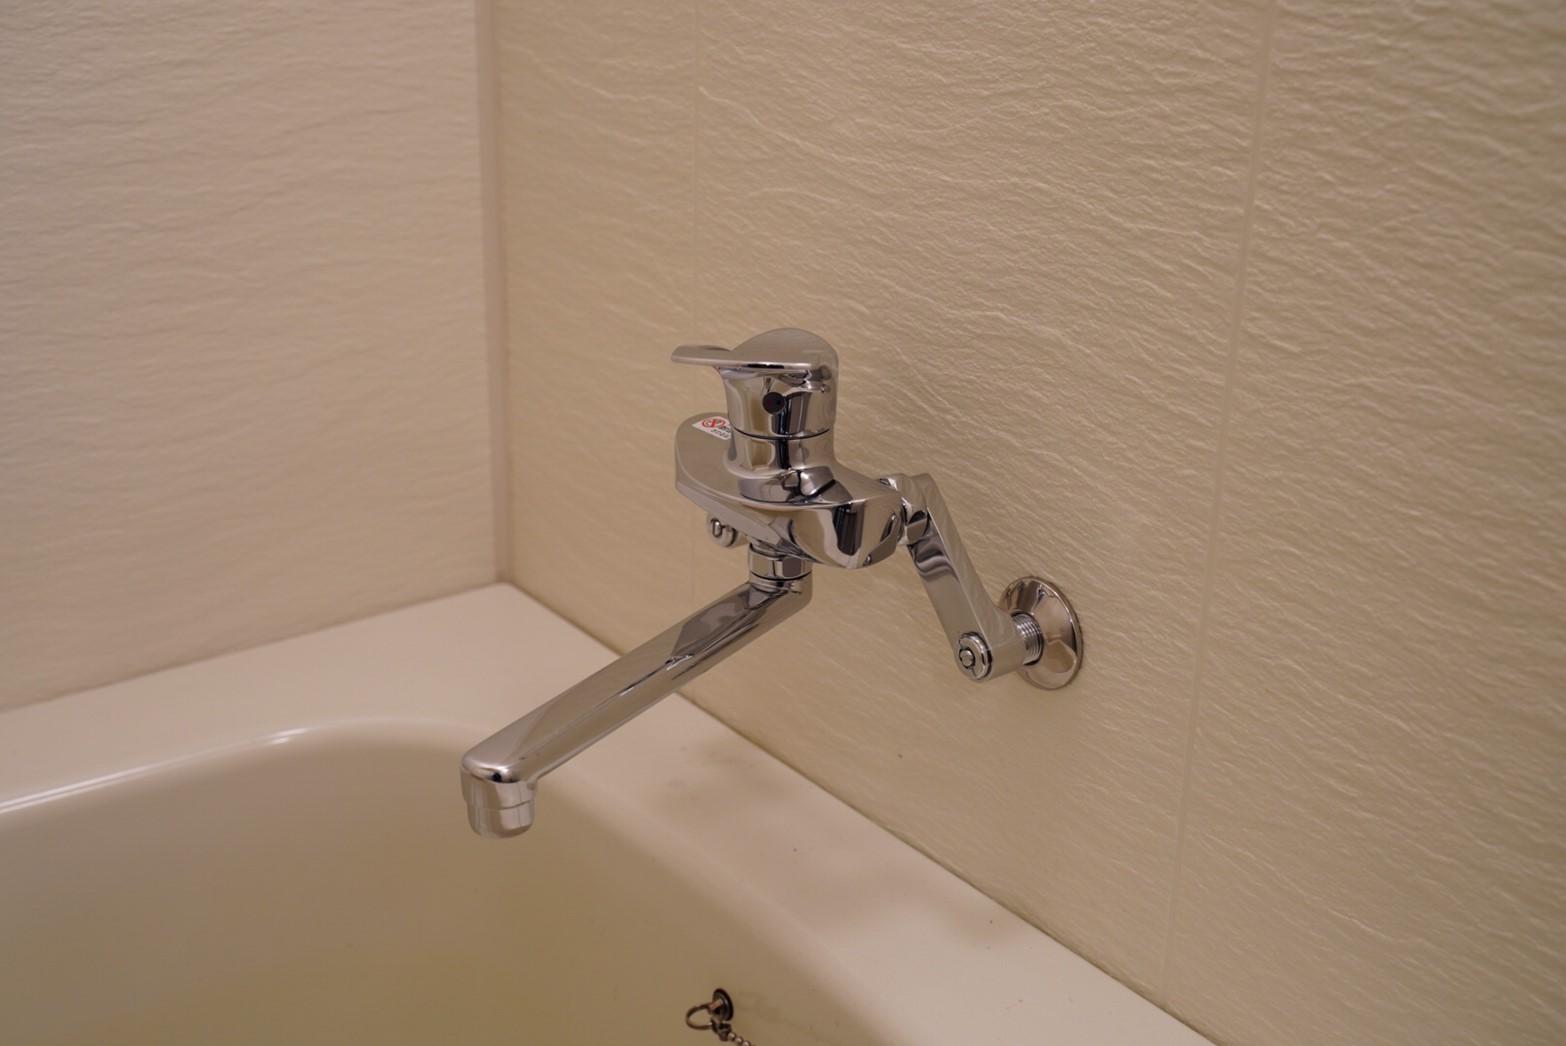 リクシル製!お風呂の水栓交換リフォーム(2か所)事例/京都市中京区